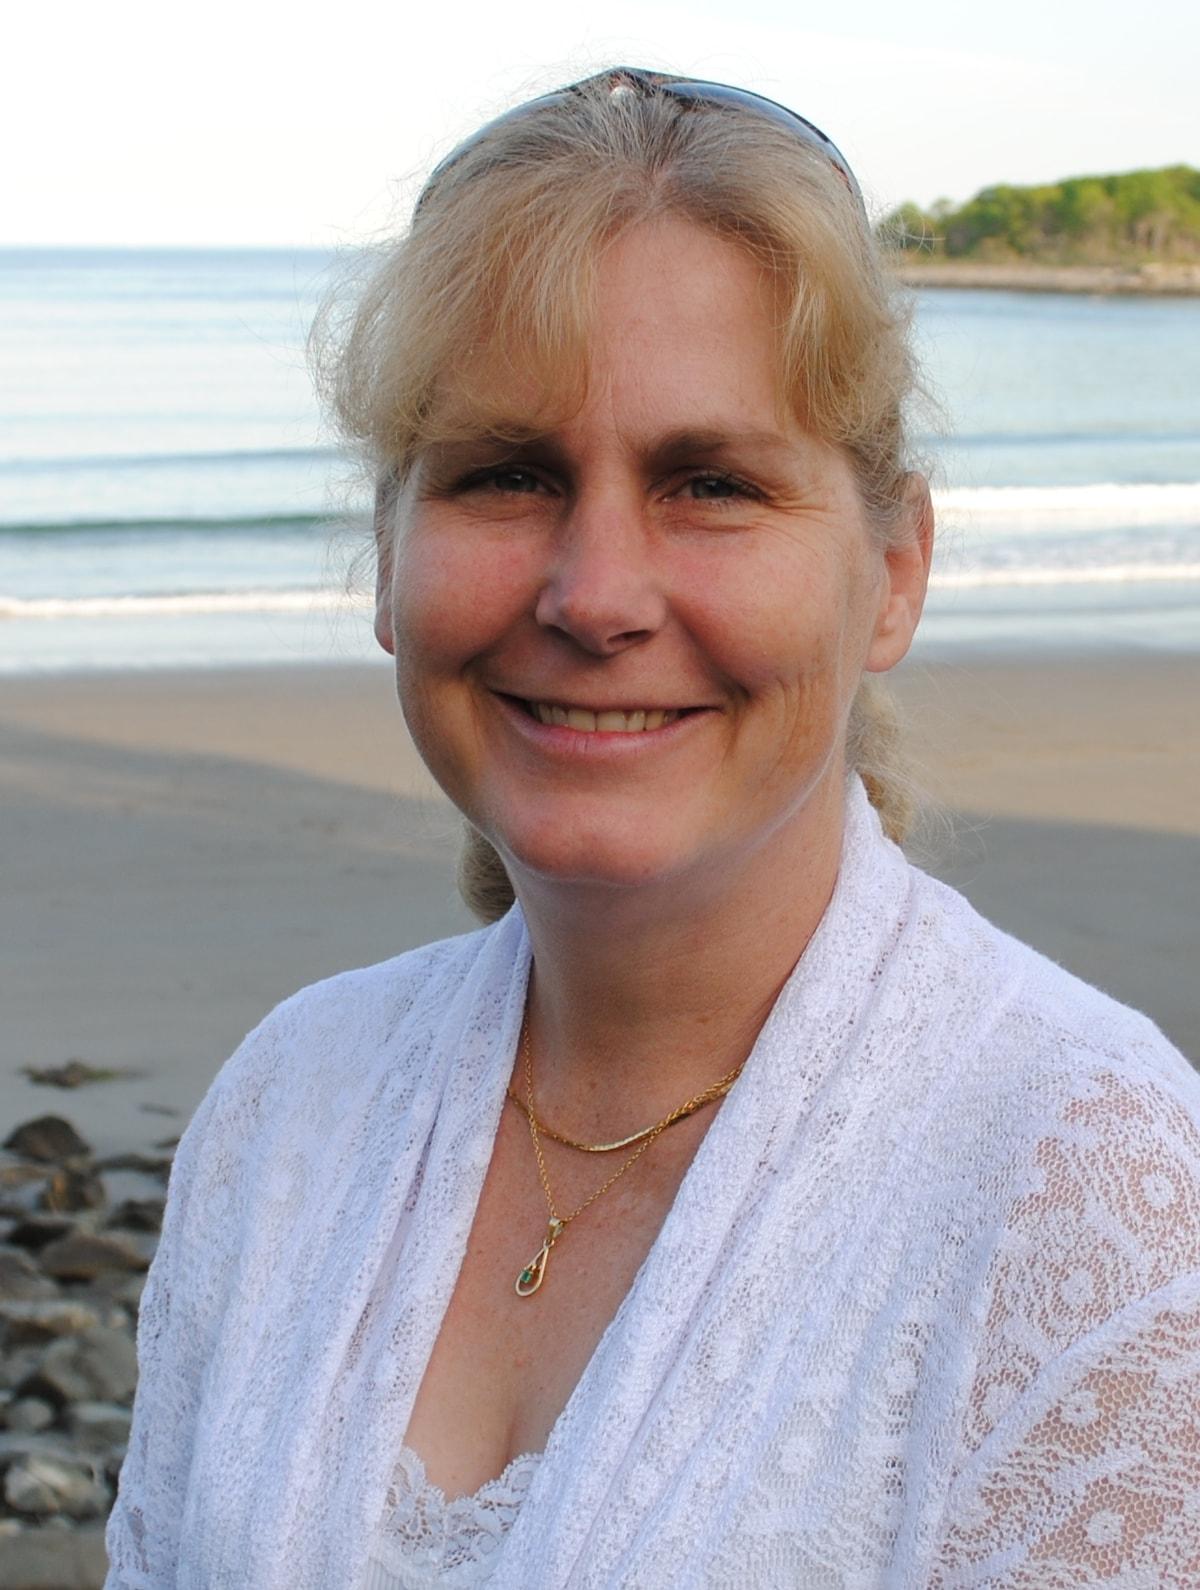 Martha from Gilford